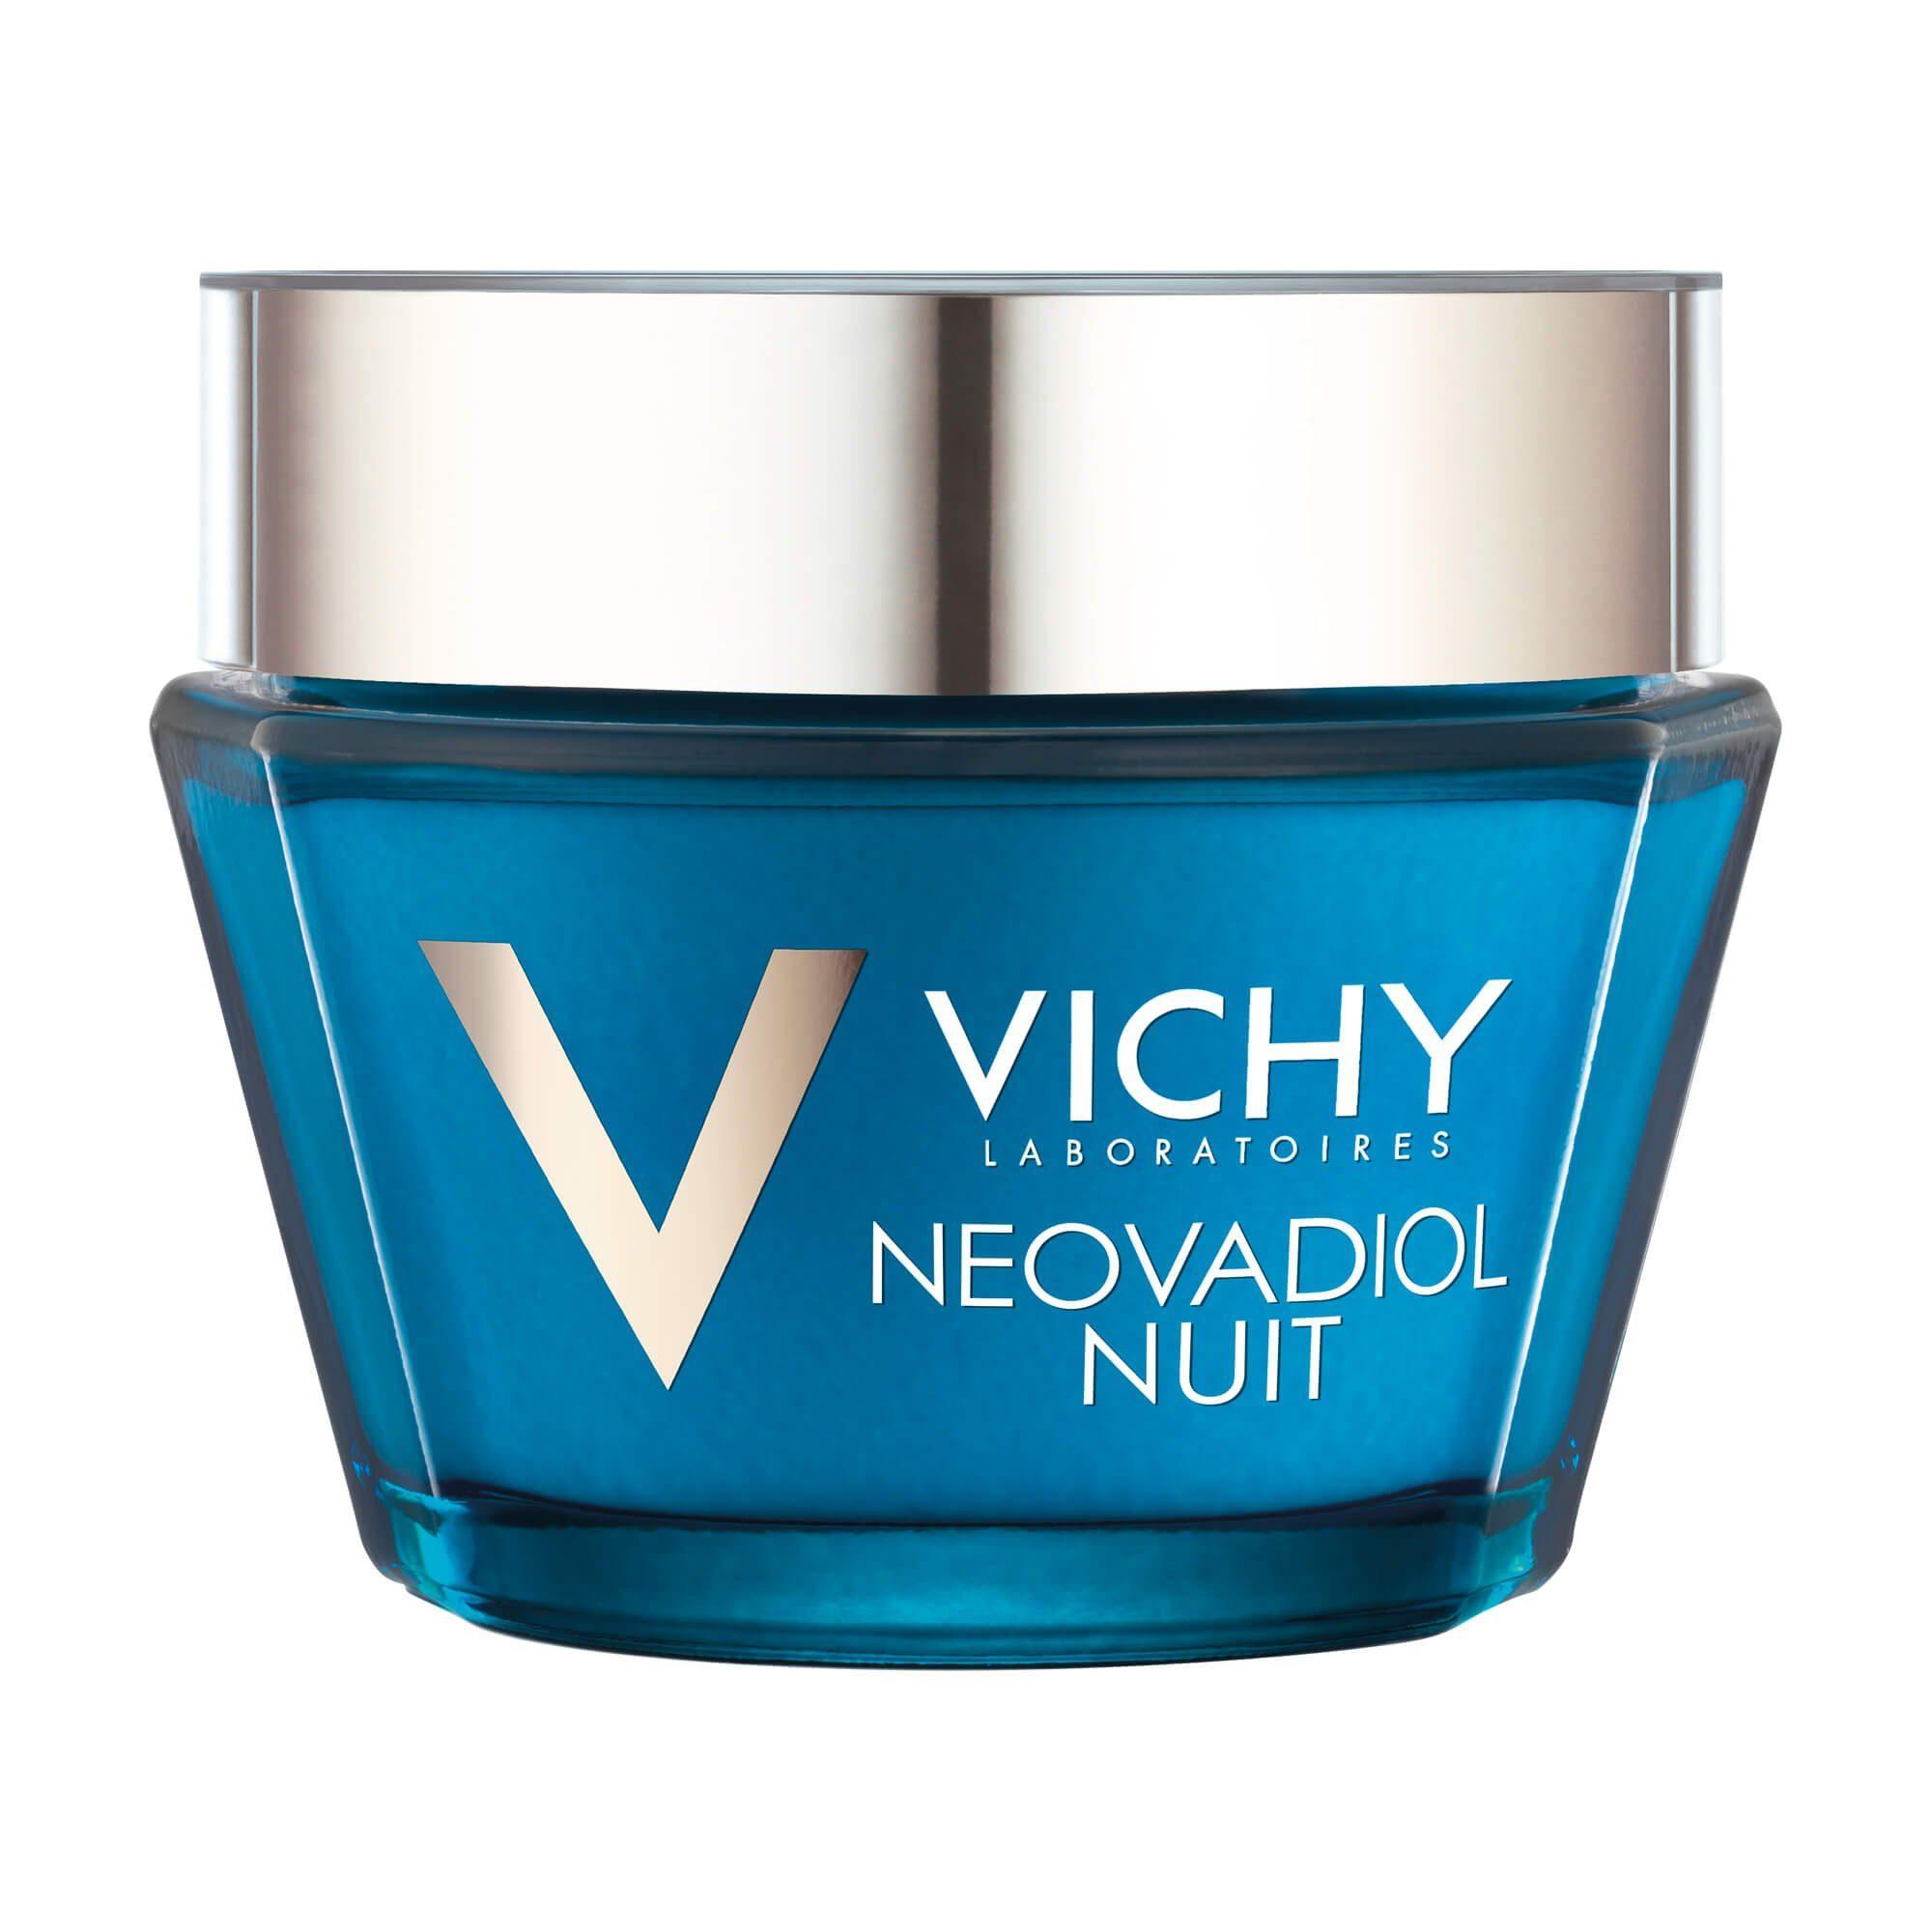 Vichy Vichy Neovadiol Nacht Creme ausgleichender Wirkstoffkomplex , 50 ml